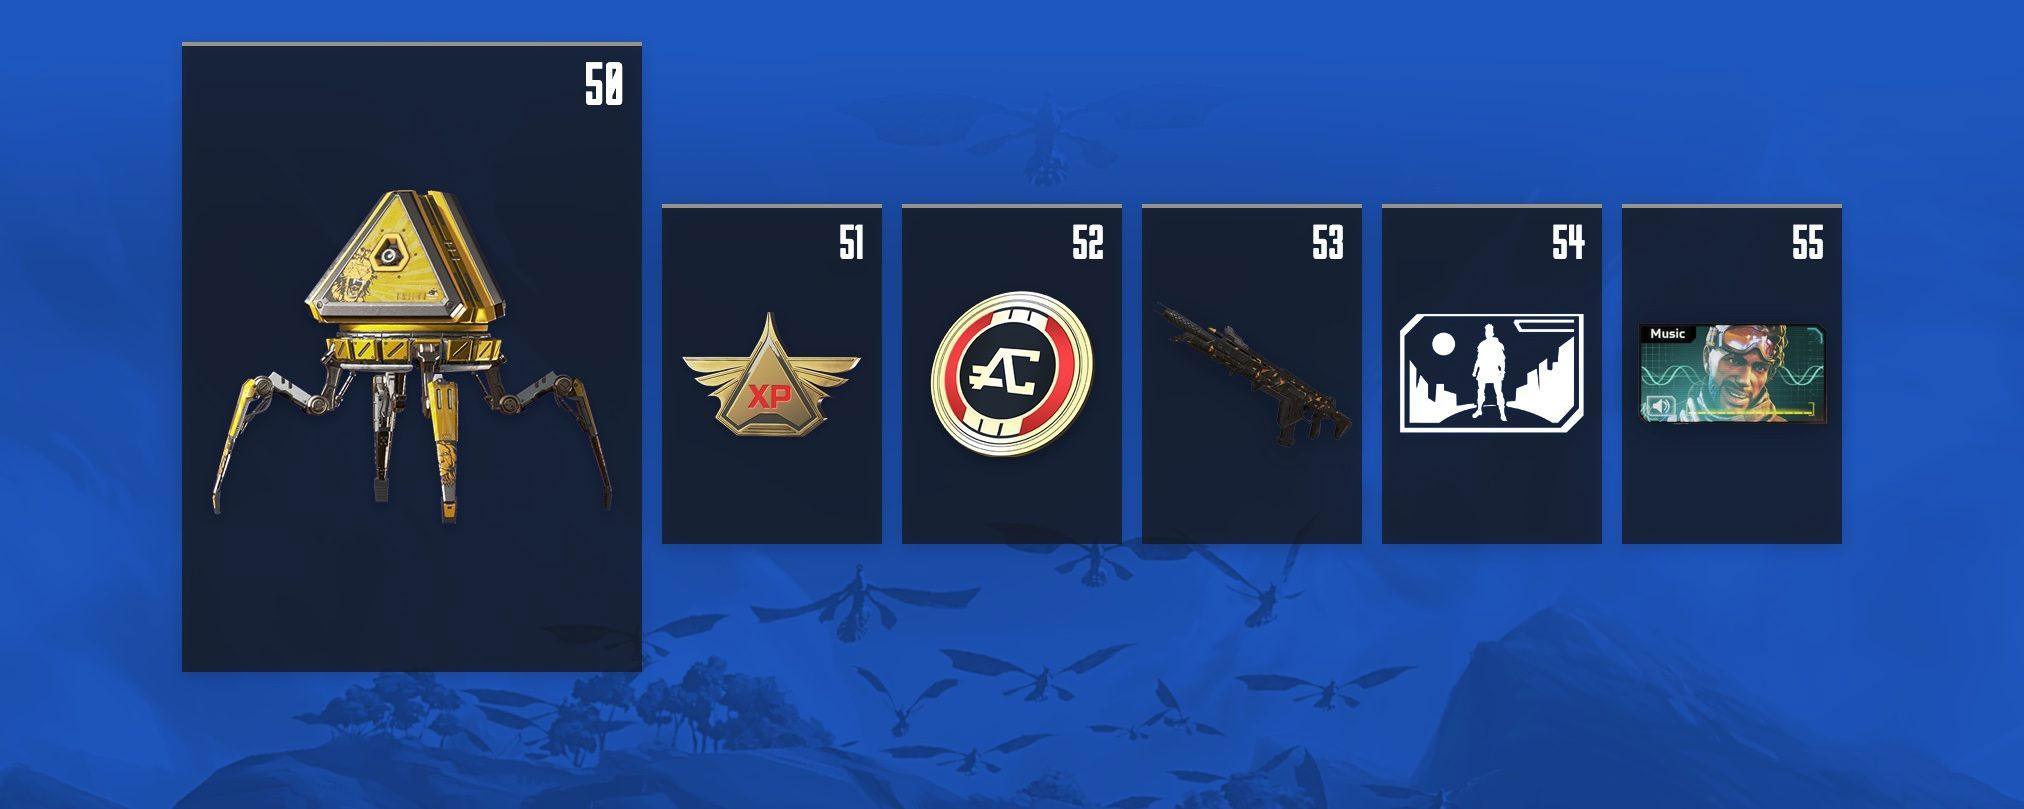 Apex Legends Season 2 Battle Pass Guide (Battle Charge) – Rewards